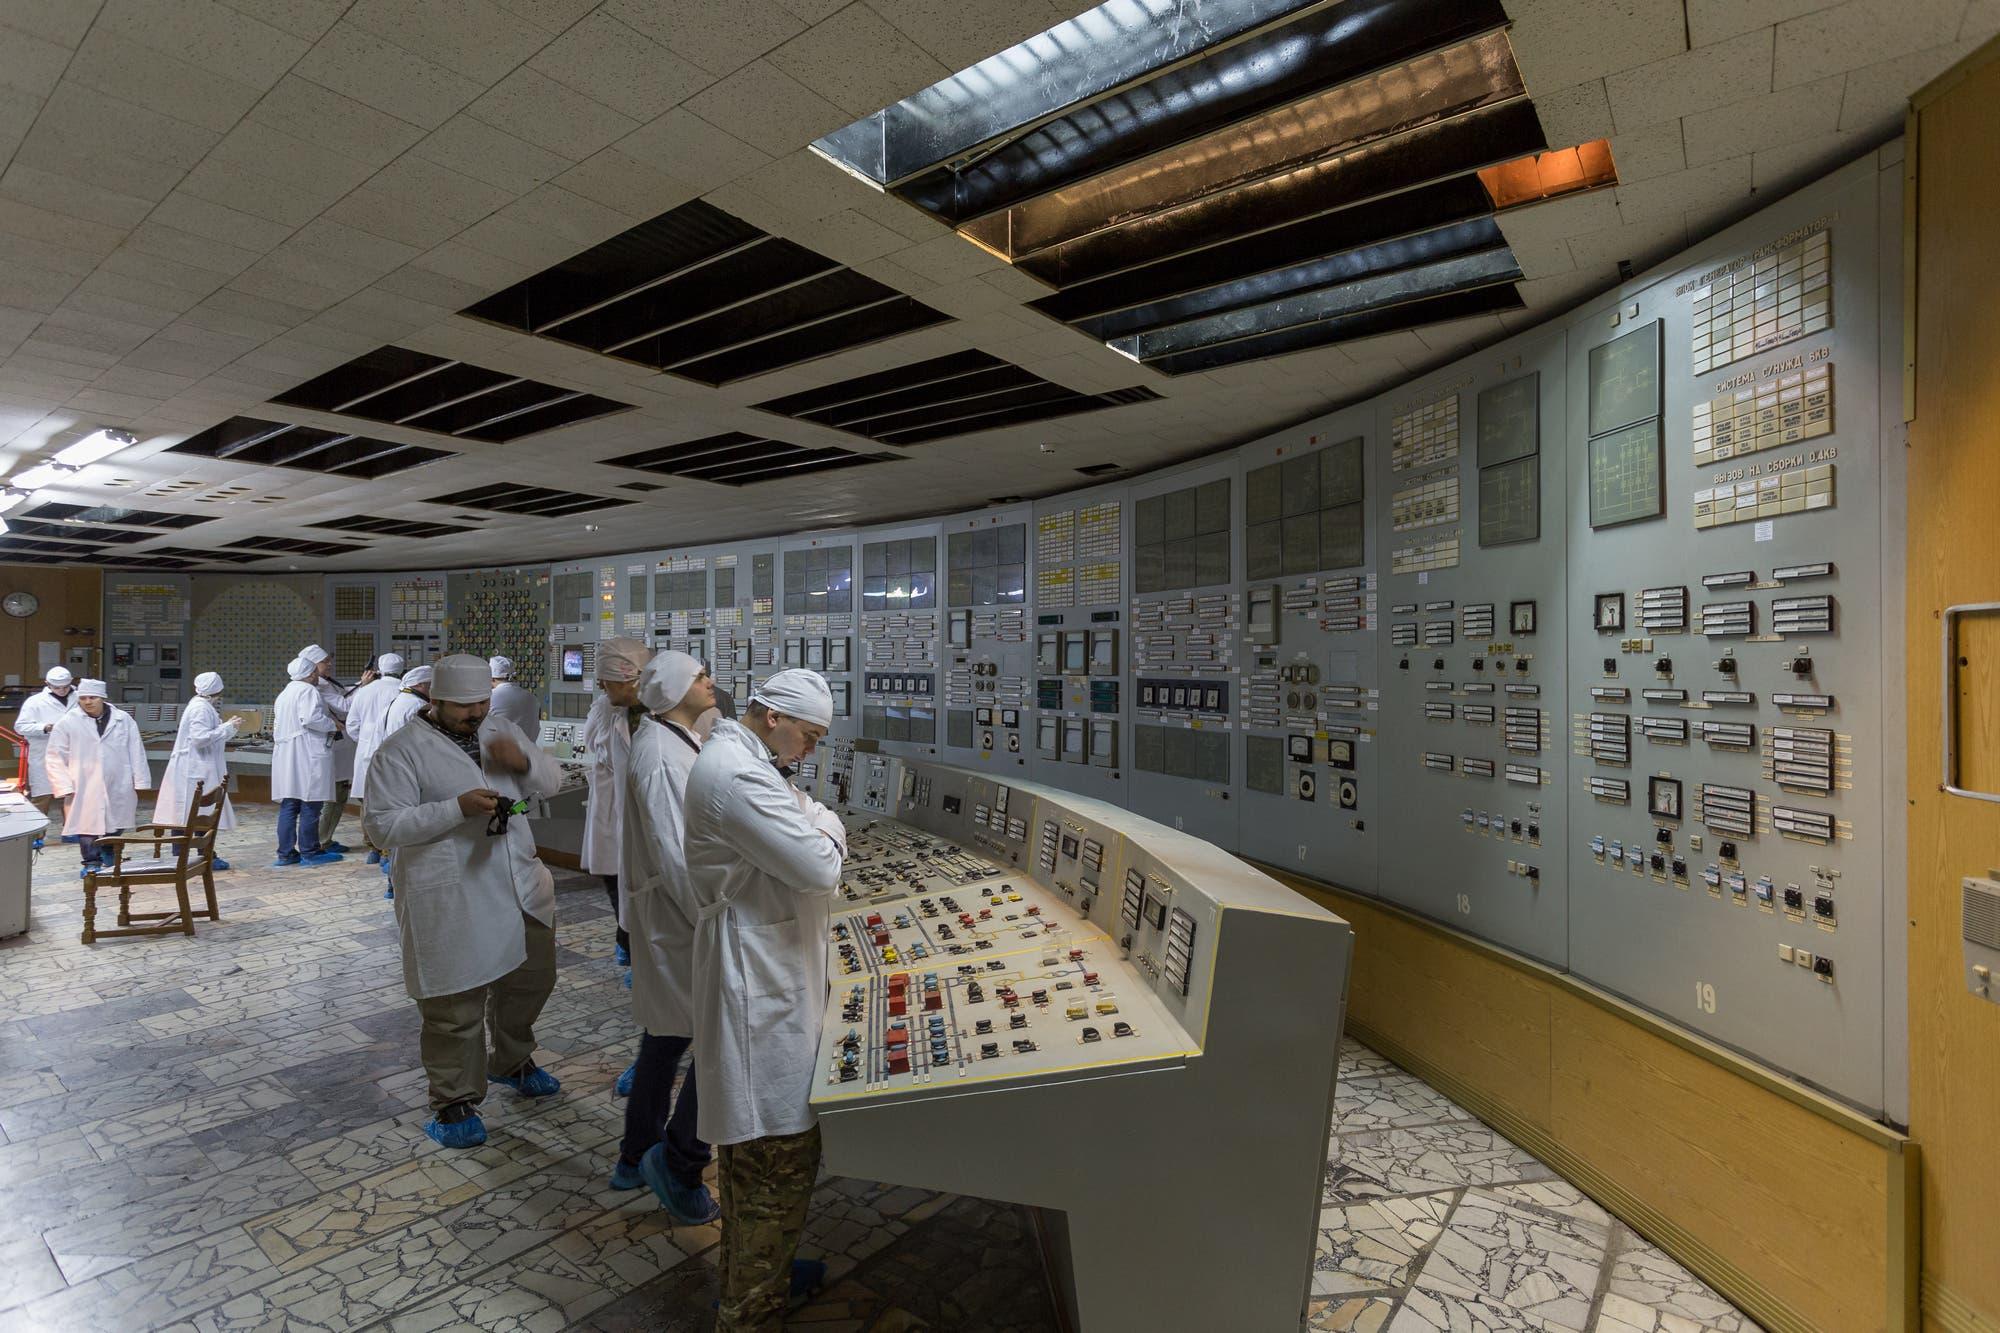 Un hongo de Chernobyl, la clave para proteger a los astronautas de la radiación en la misión a Marte